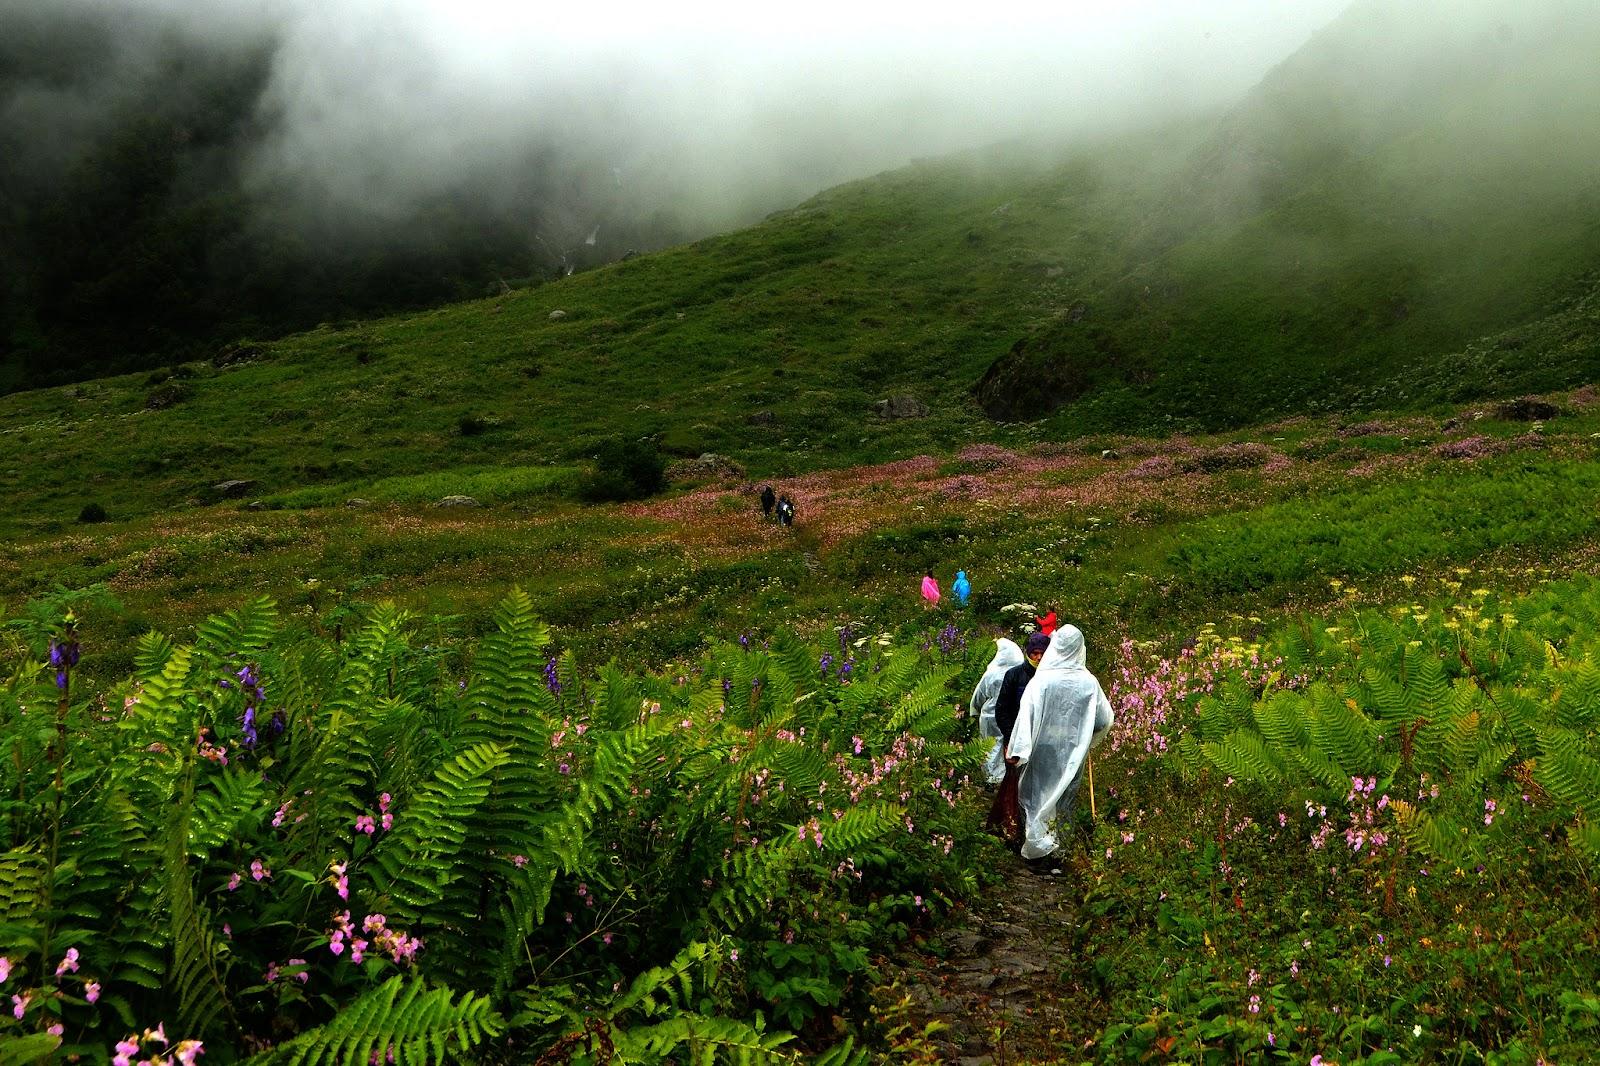 savaari-valley-of-flowers-uttarakhand